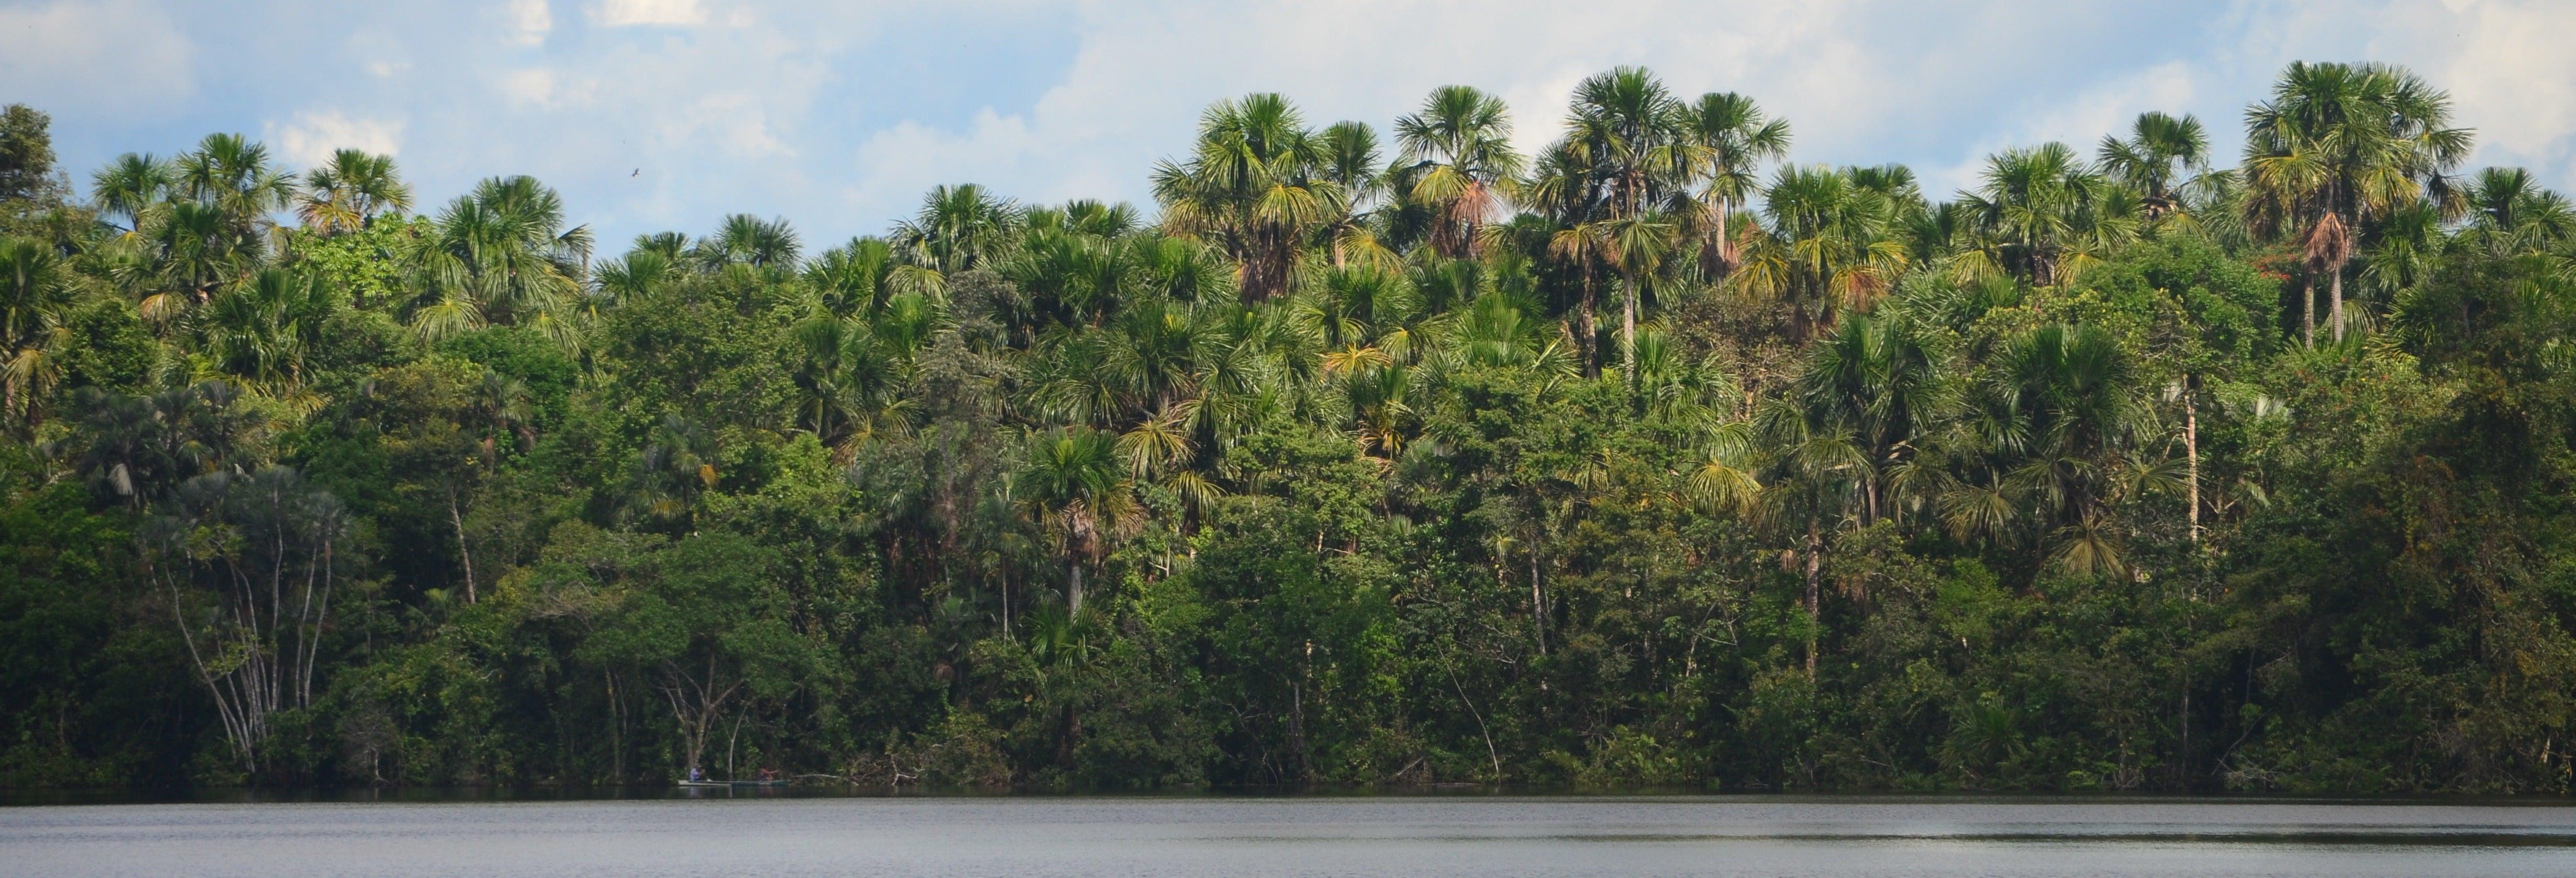 Escursione sul Rio delle Amazzoni